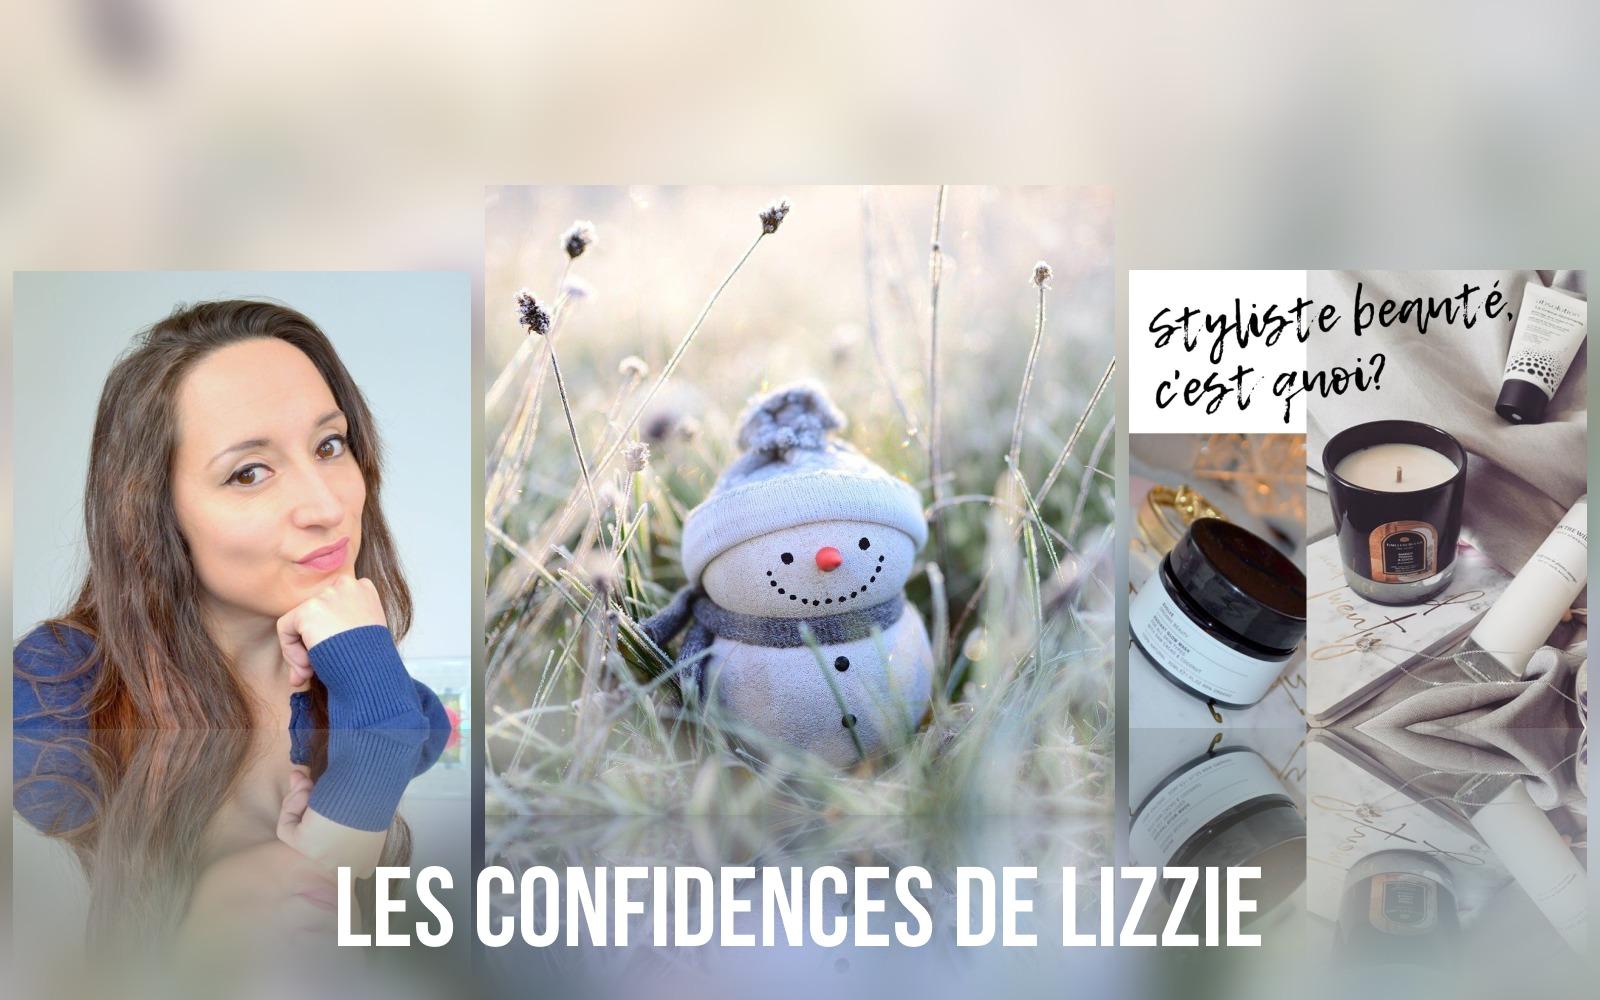 Les confidences de Lizzie marché de noël de Souriez rose